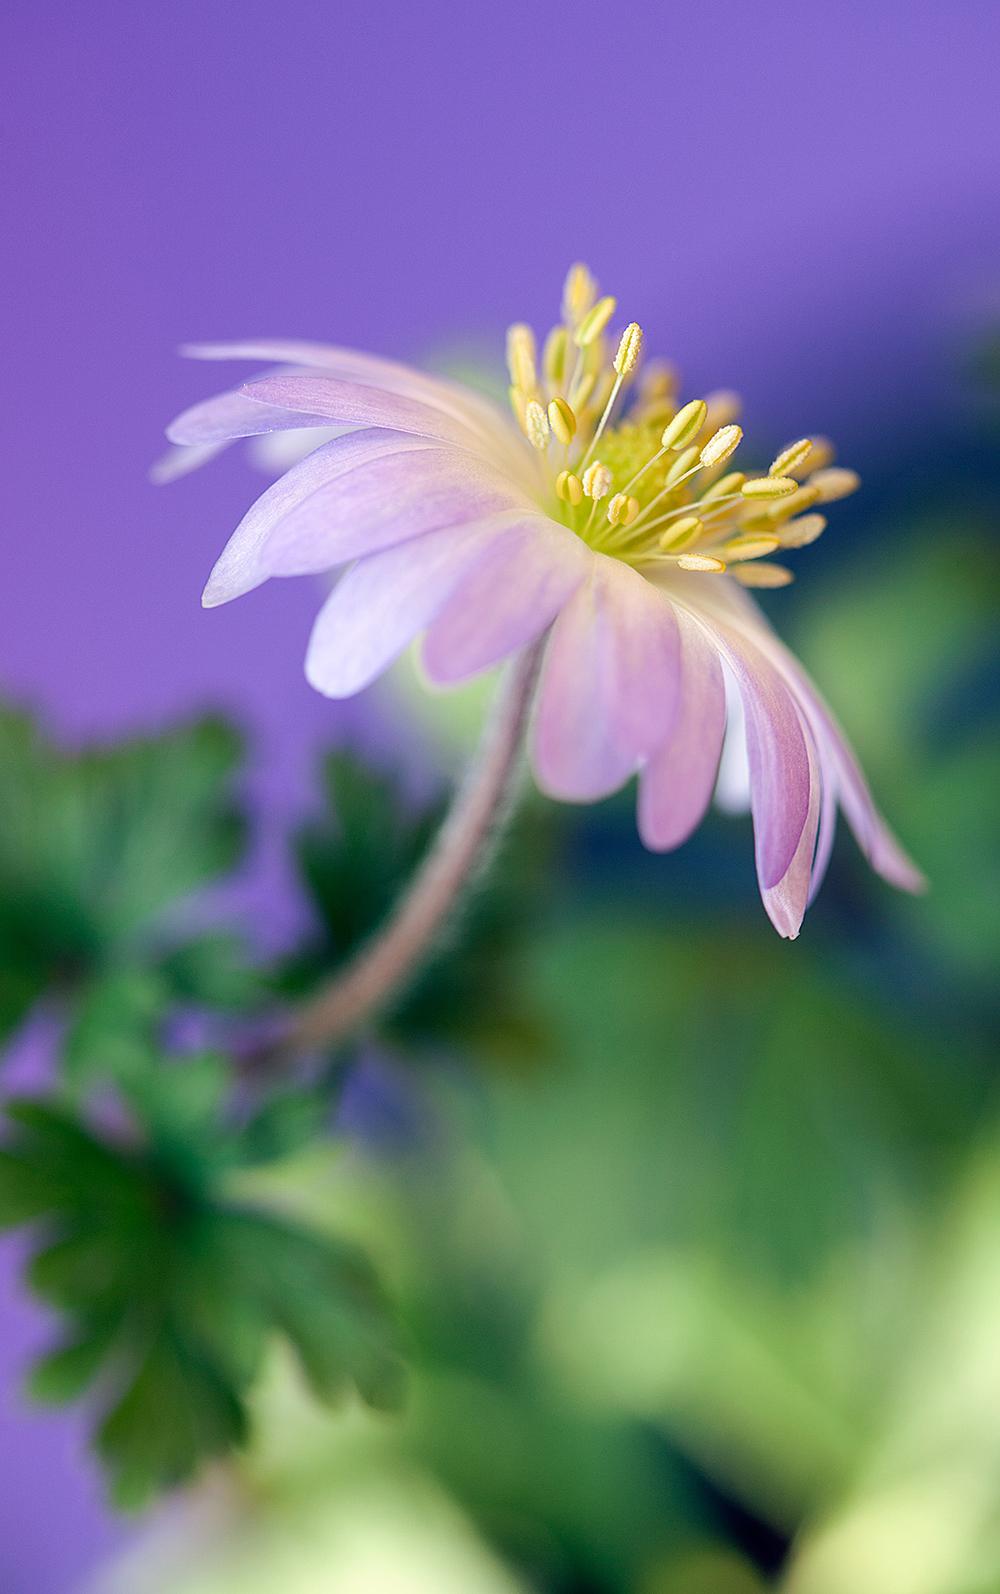 1000_anemone blanda_MG_9341.jpg